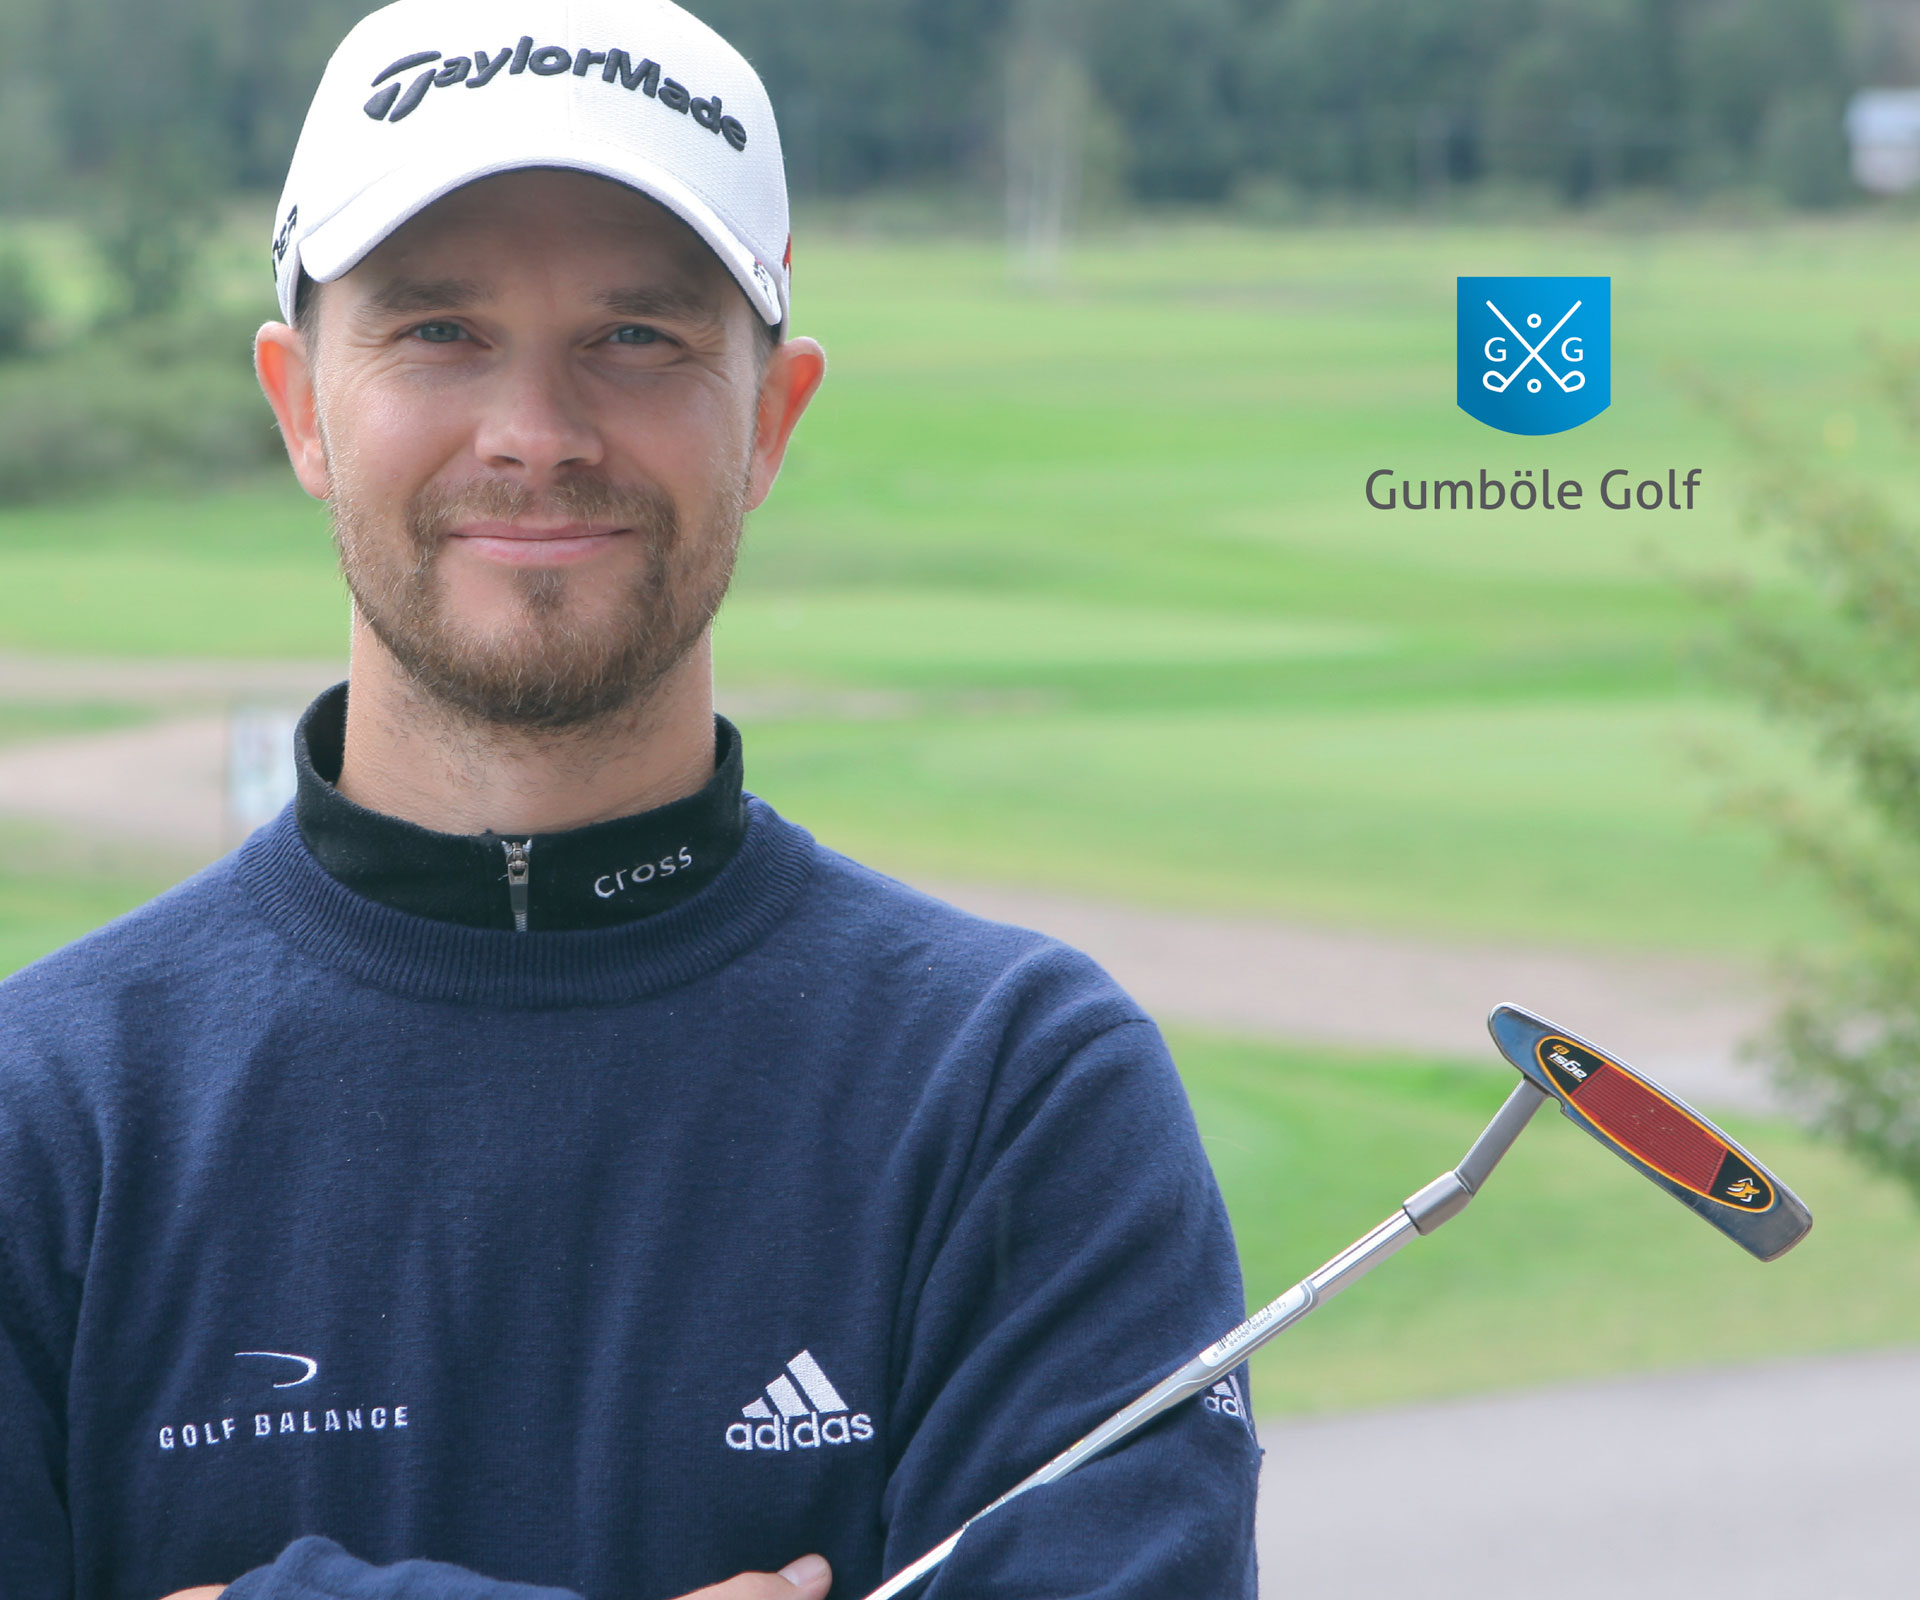 Gumböle Golf esitteen suunnittelu, valokuvaus.